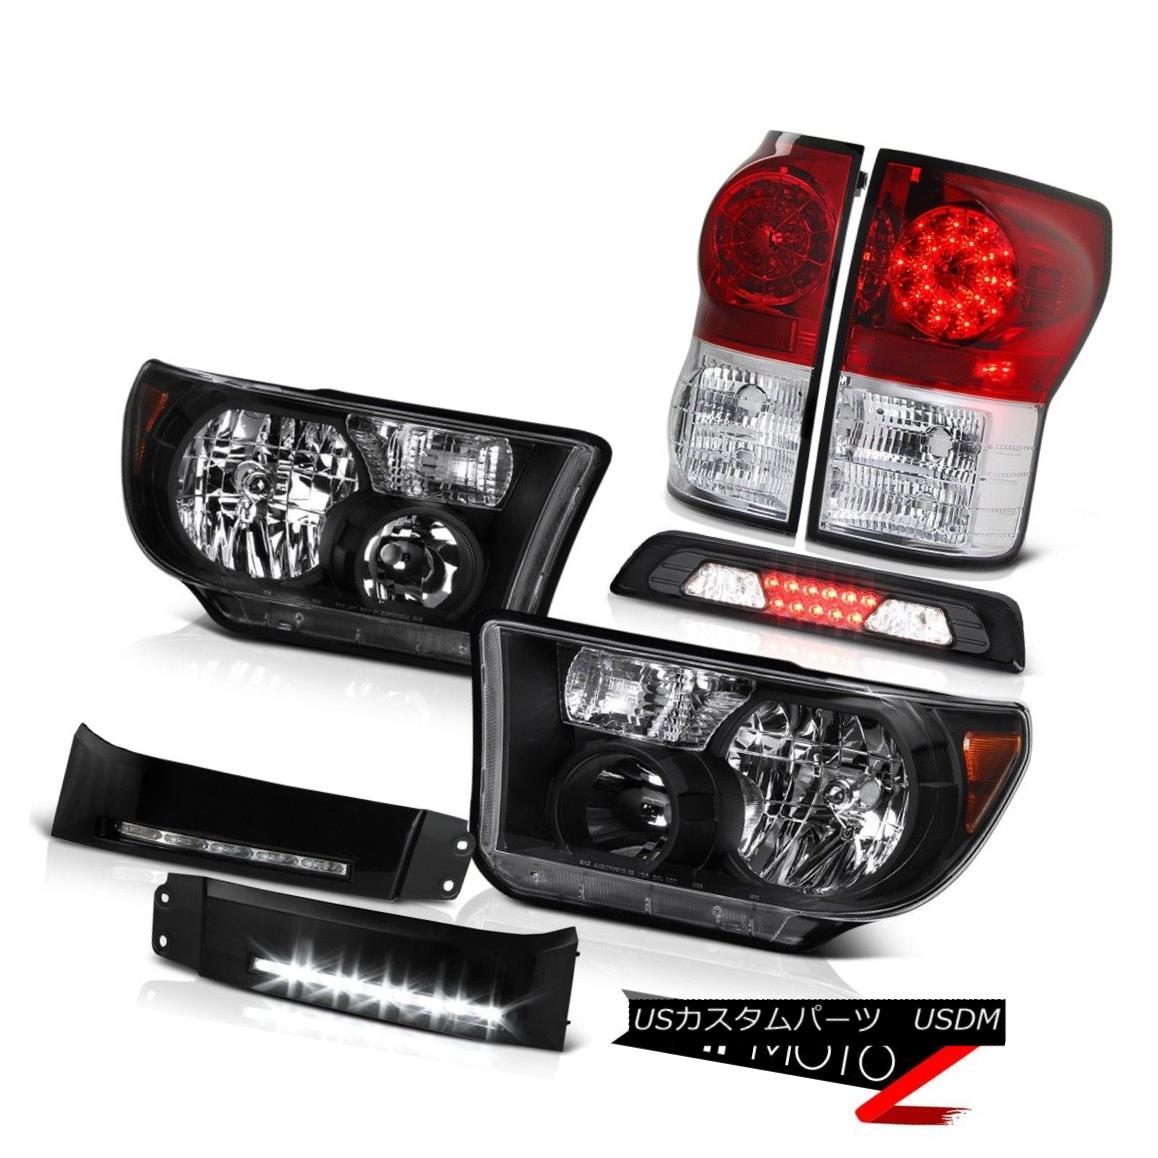 テールライト 07-13 Toyota Tundra SR5 Headlamps DRL Strip 3RD Brake Lamp Red Rear Lamps LED 07-13トヨタトンドラSR5ヘッドランプDRLストリップ3RDブレーキランプレッドリアランプLED